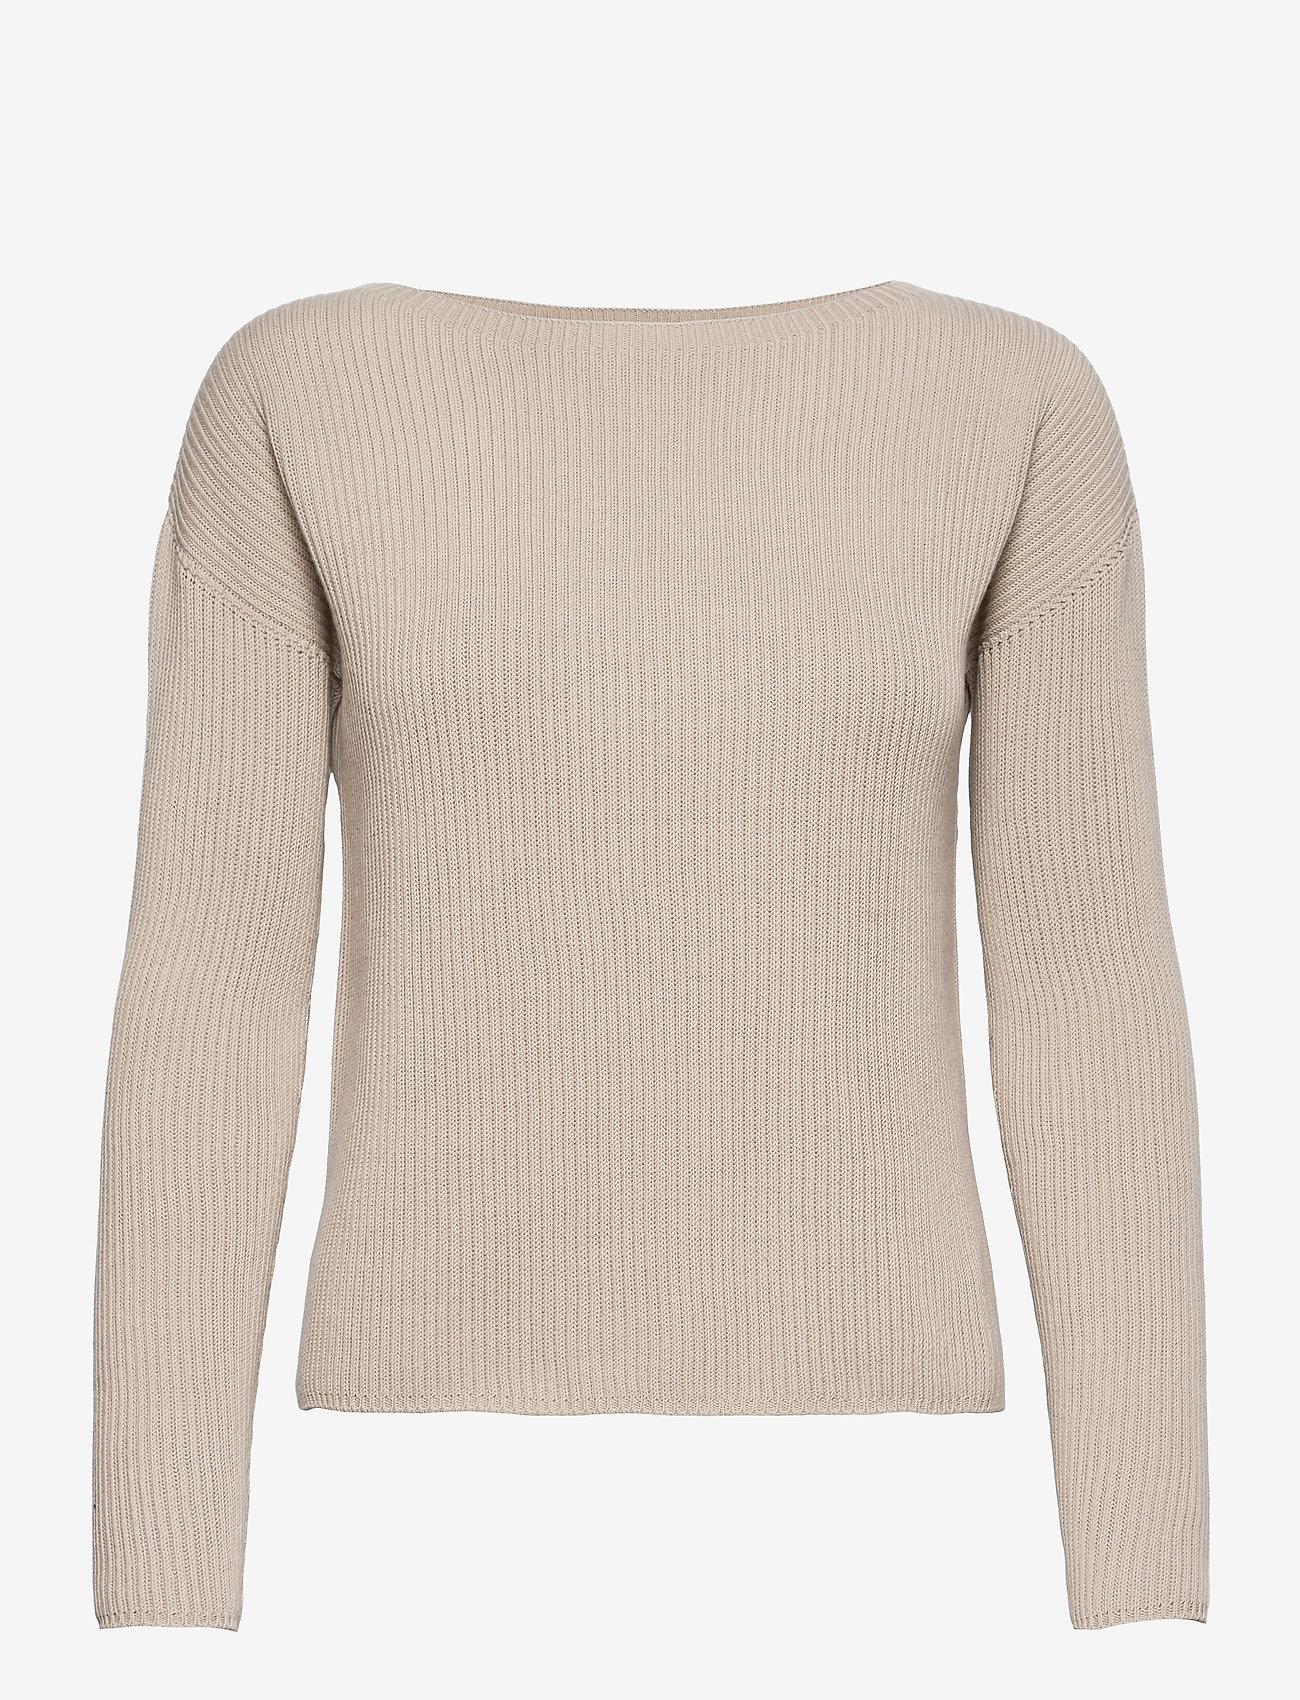 Max Mara Leisure - CIRO - sweaters - beige - 0